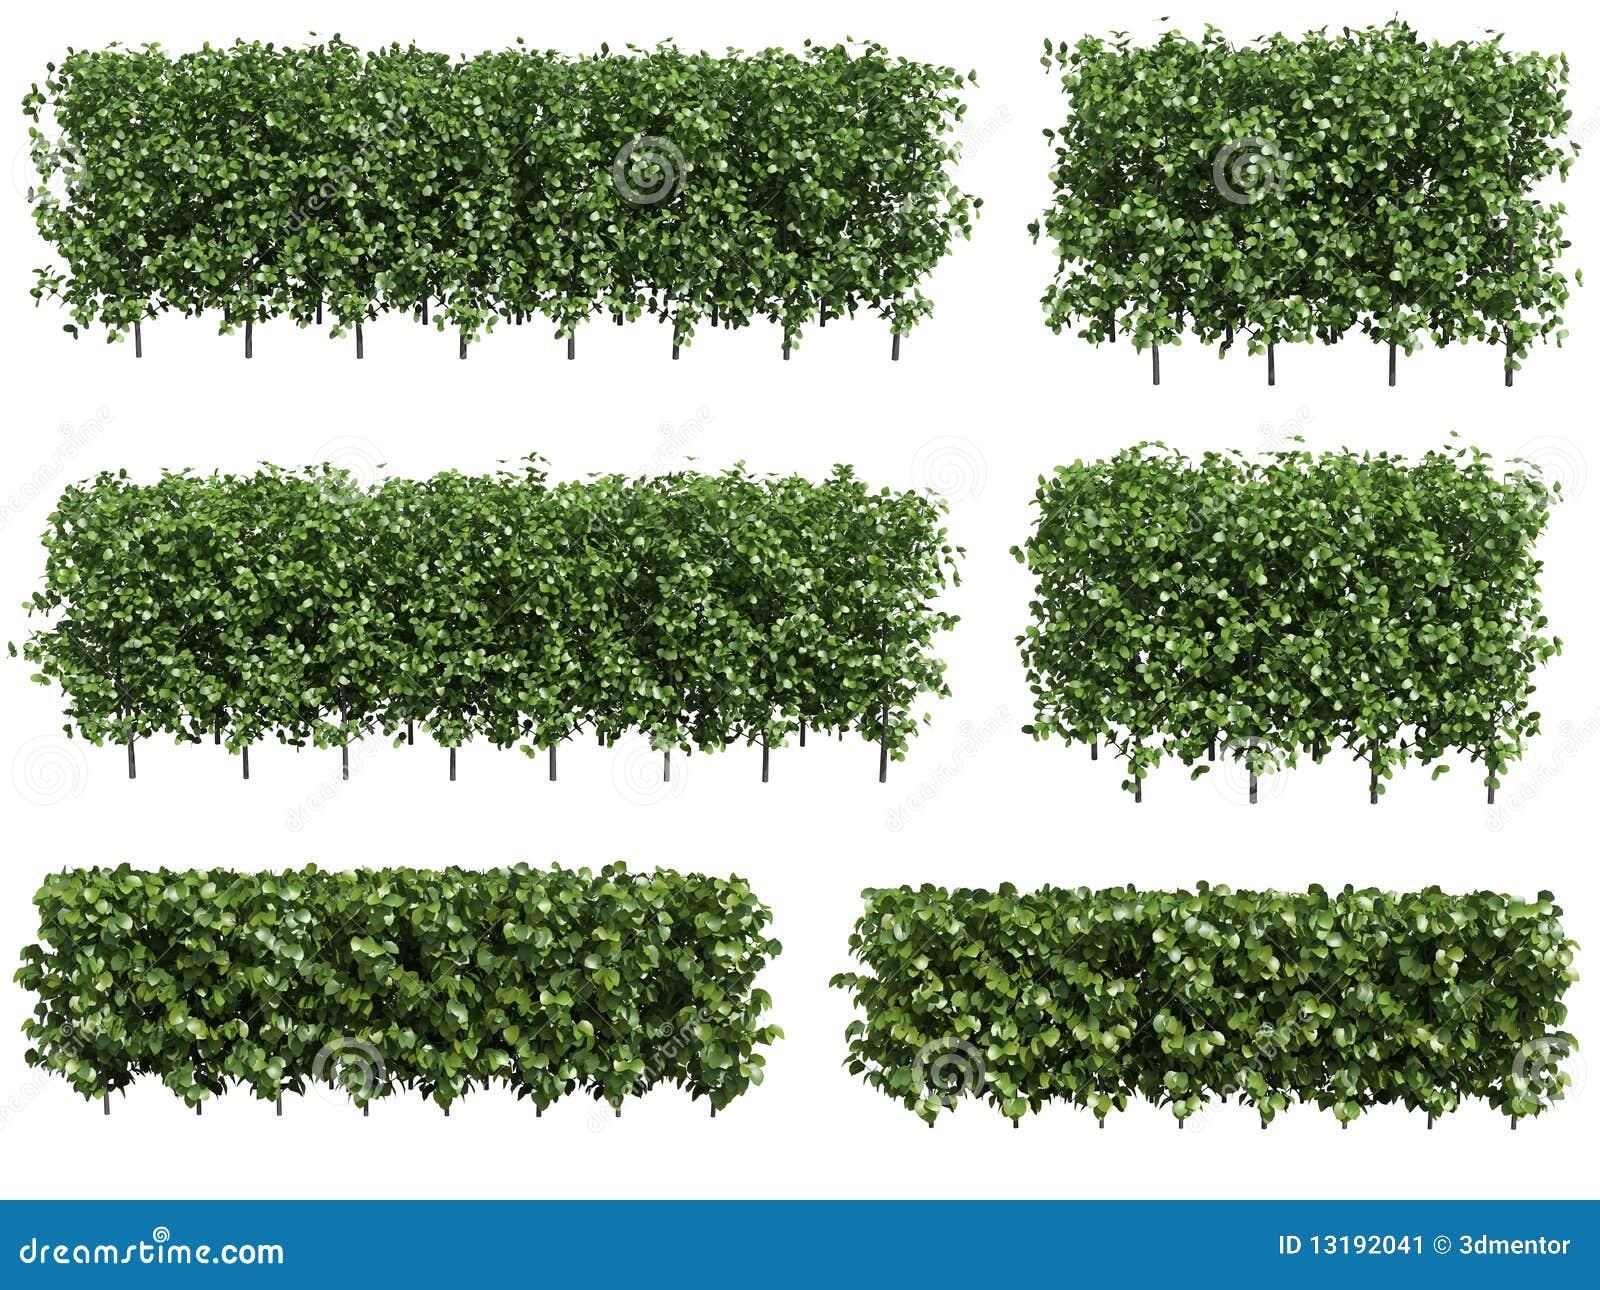 green hedge stock image image 13192041. Black Bedroom Furniture Sets. Home Design Ideas